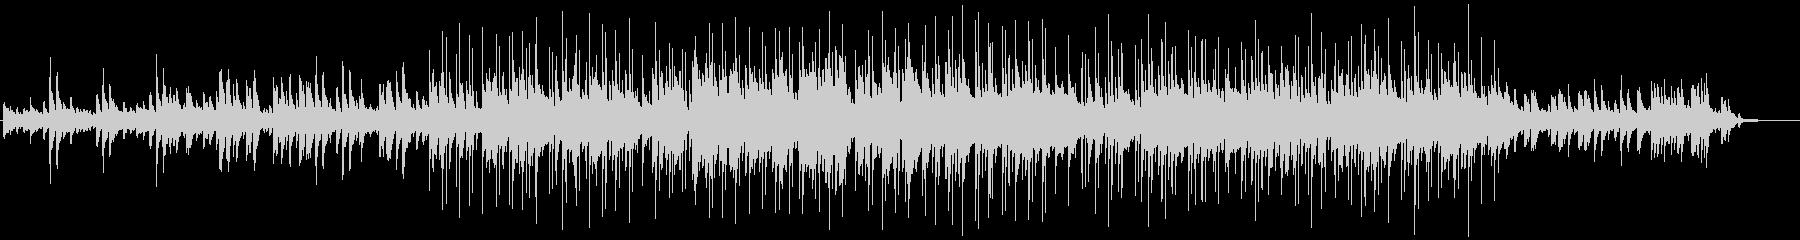 包み込まれるような感動ピアノバラードの未再生の波形